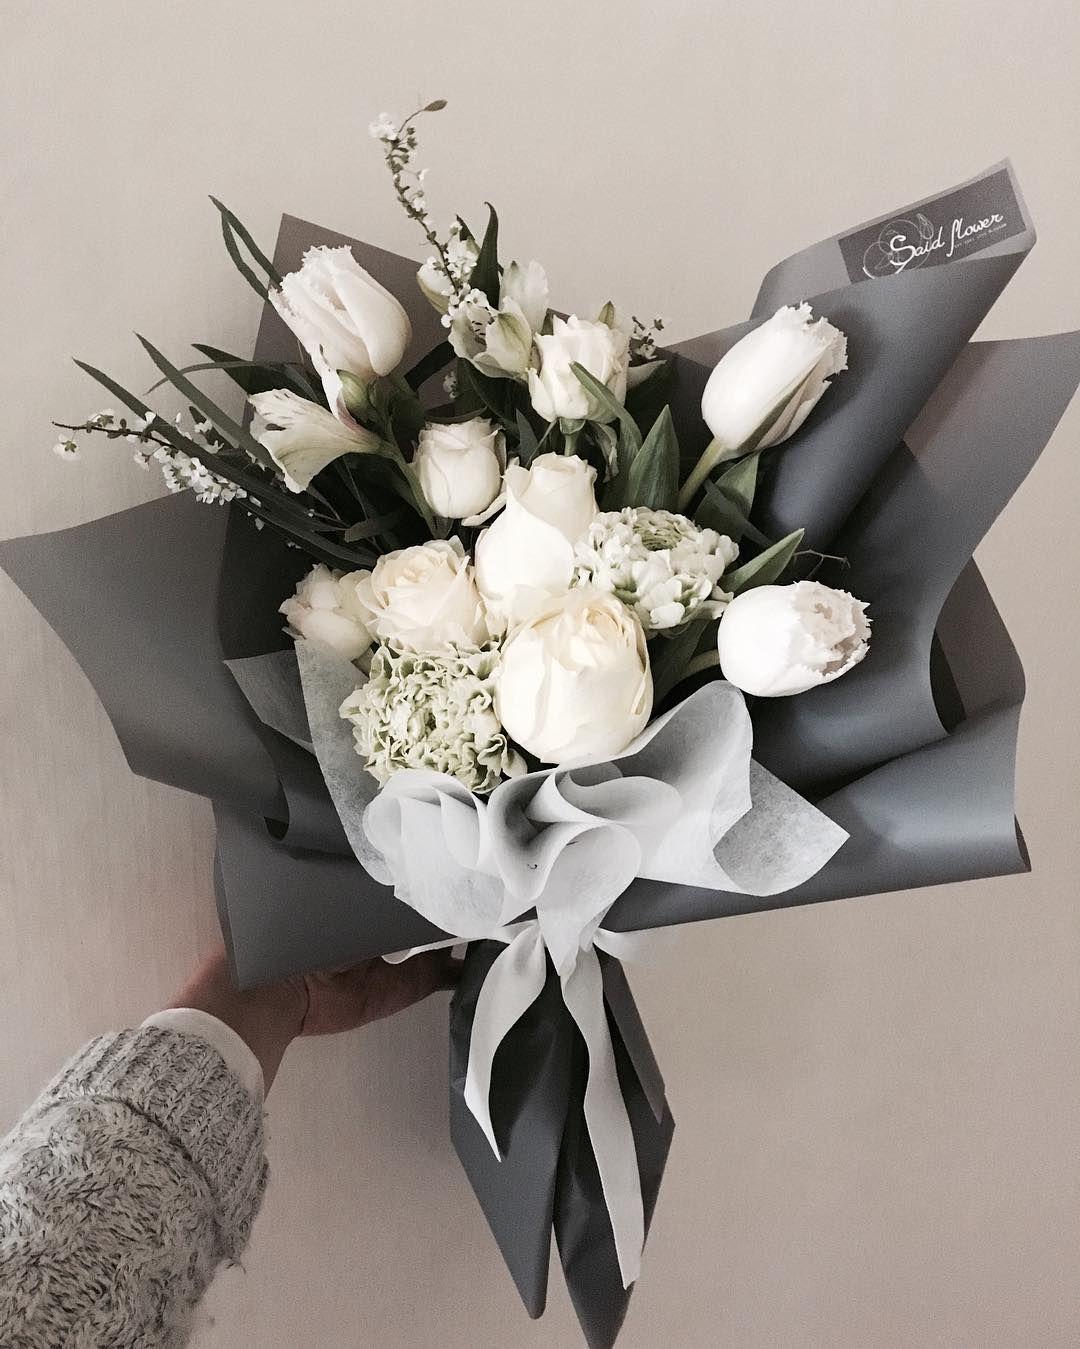 Wedding Flower Arrangements Pinterest: Pinterest: Brunettesass ♛